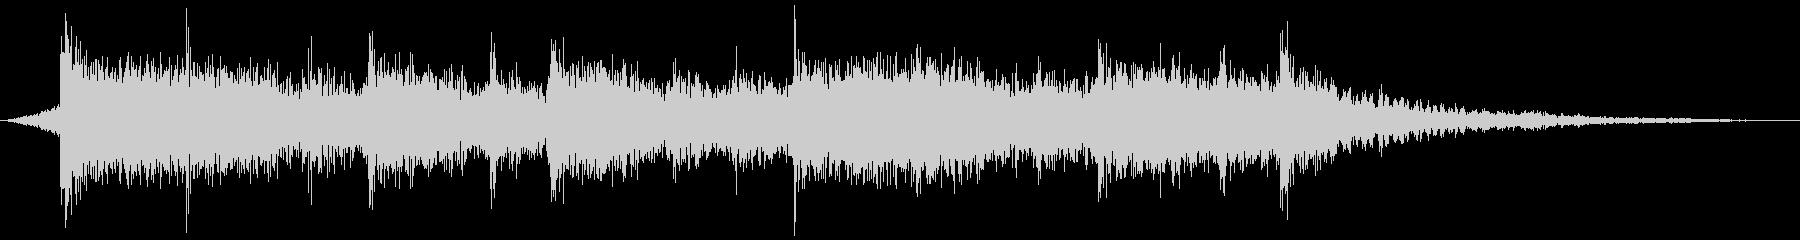 ジングル・ミッション終了時のシネマロックの未再生の波形